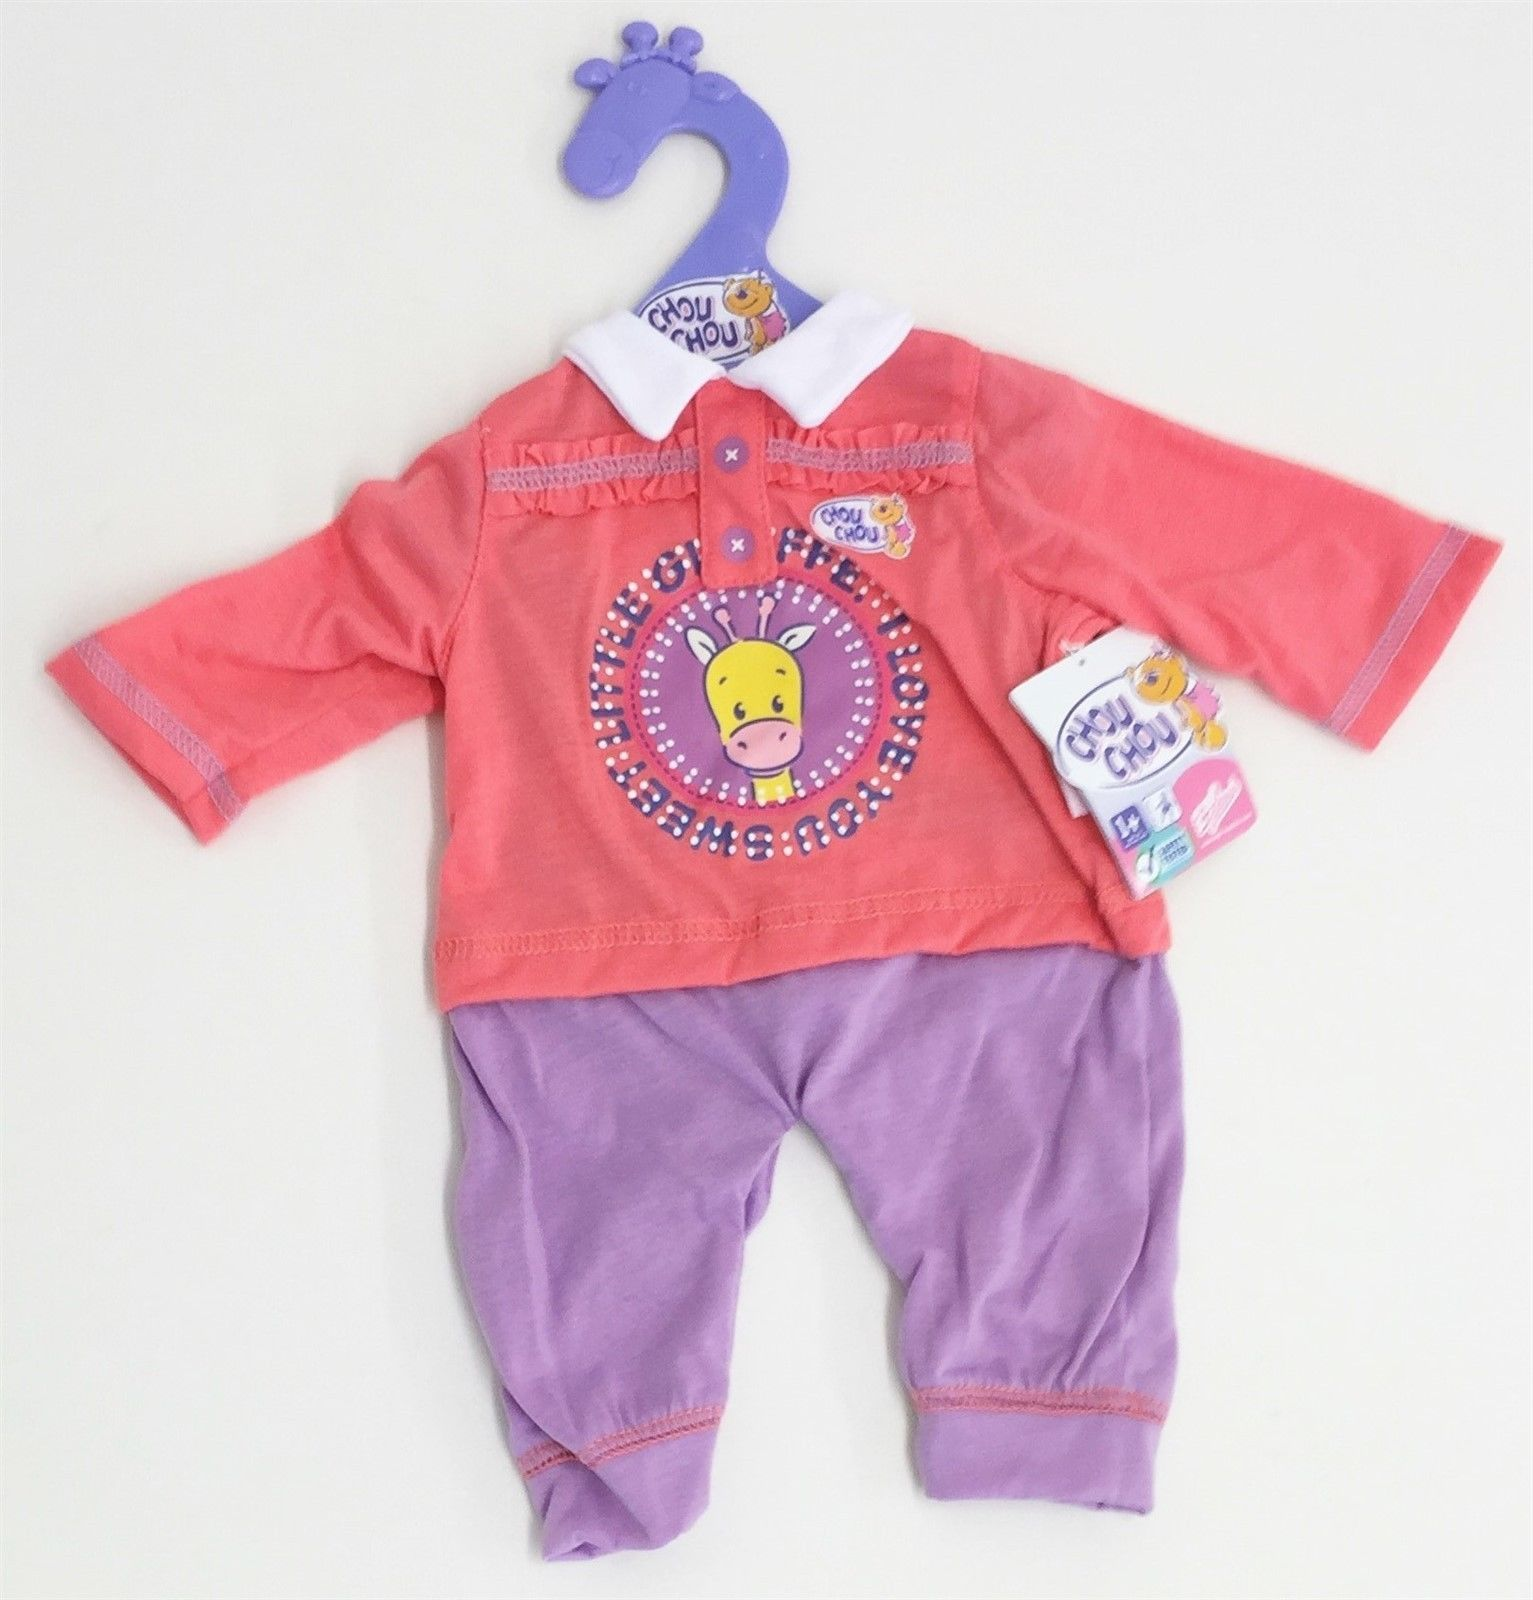 Zapf Creation Baby Chou Chou Hose Top Kleidung Fur 42cm 17 Puppe Stil D In Spielzeug Puppen Zubehor Babypuppen Zubeho Baby Onesies Onesies Clothes